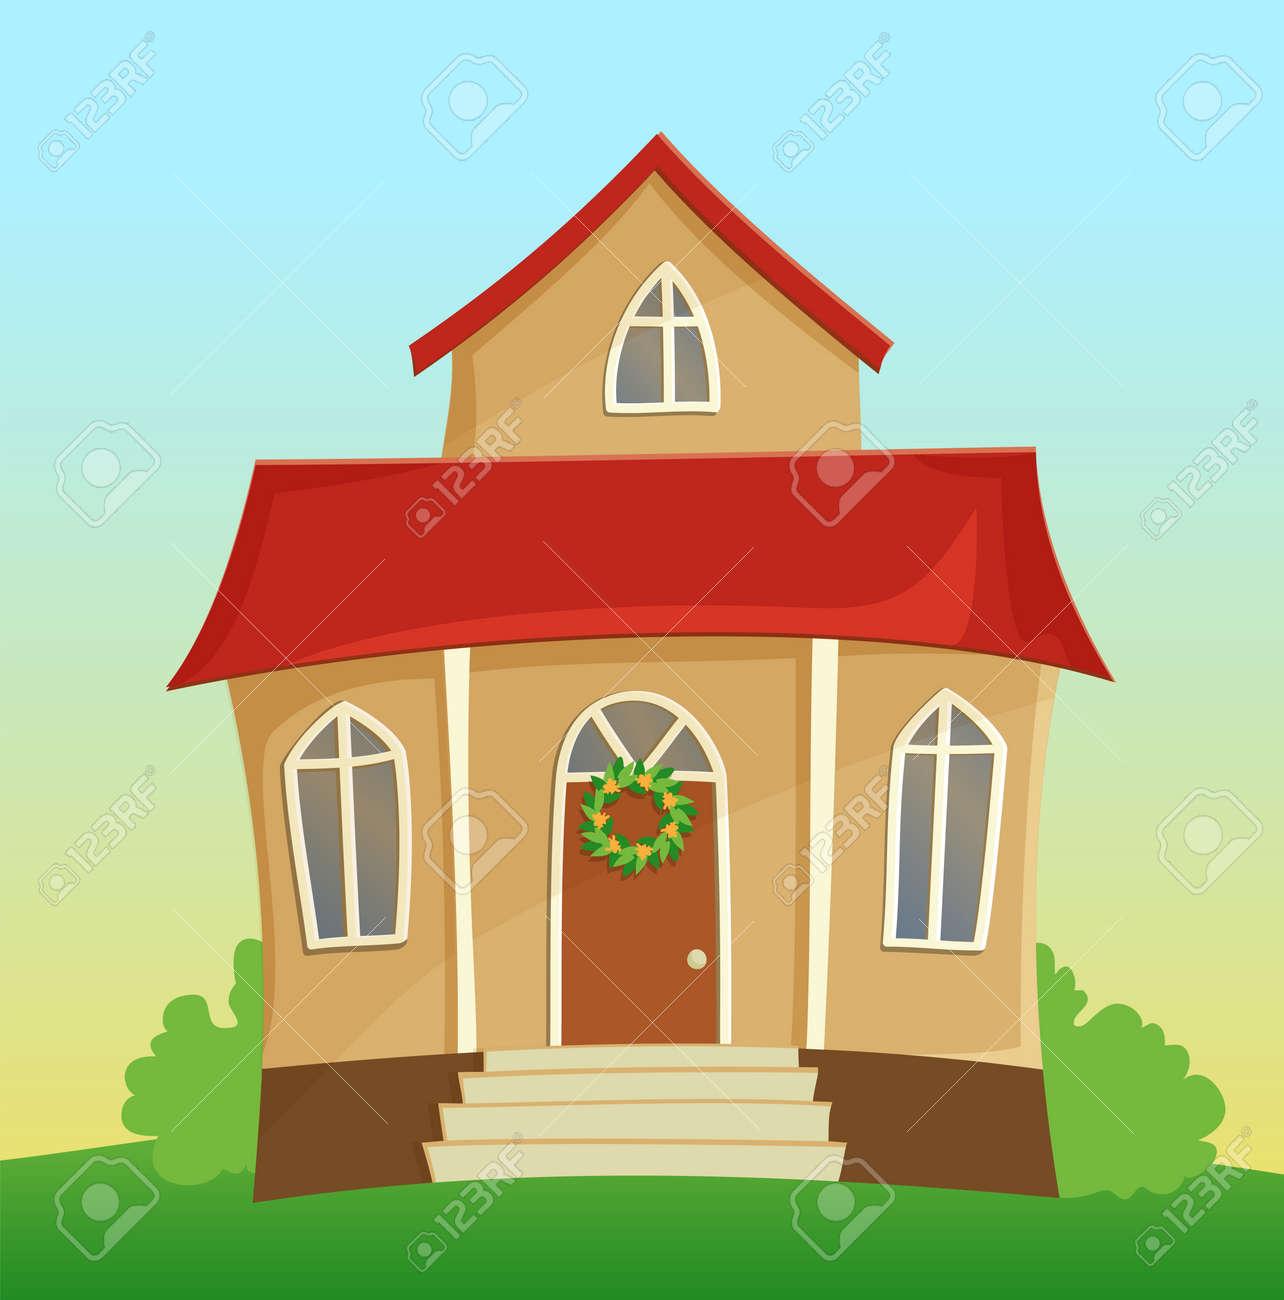 Banque dimages vector illustration de la belle maison de dessin animé avec le toit rouge